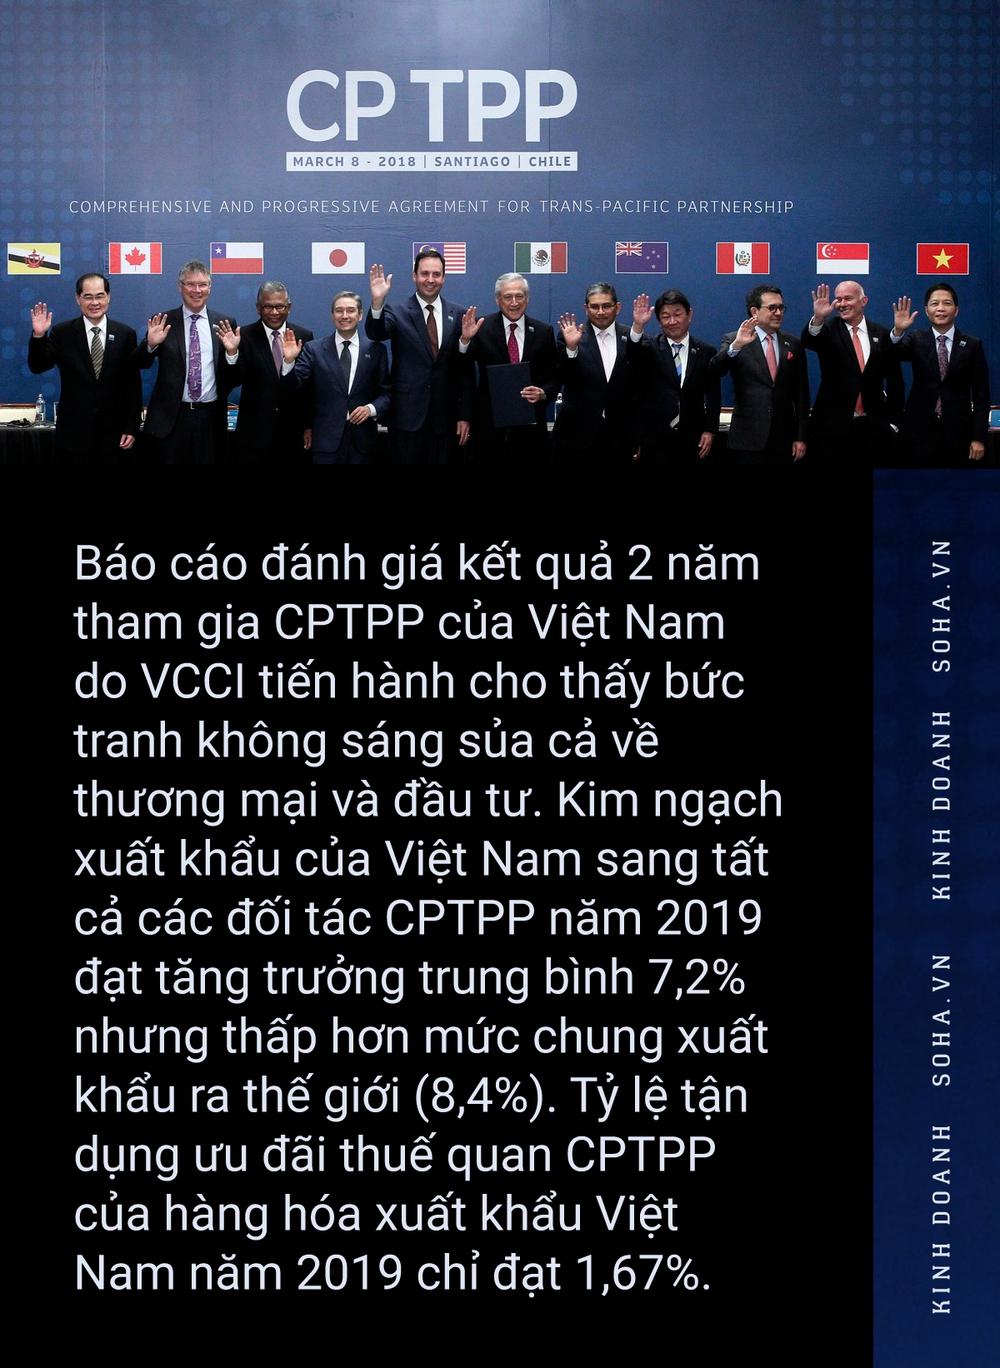 Trung Quốc nộp đơn gia nhập CPTPP, muốn định hình luật chơi mới: Việc Việt Nam cần làm? - Ảnh 3.